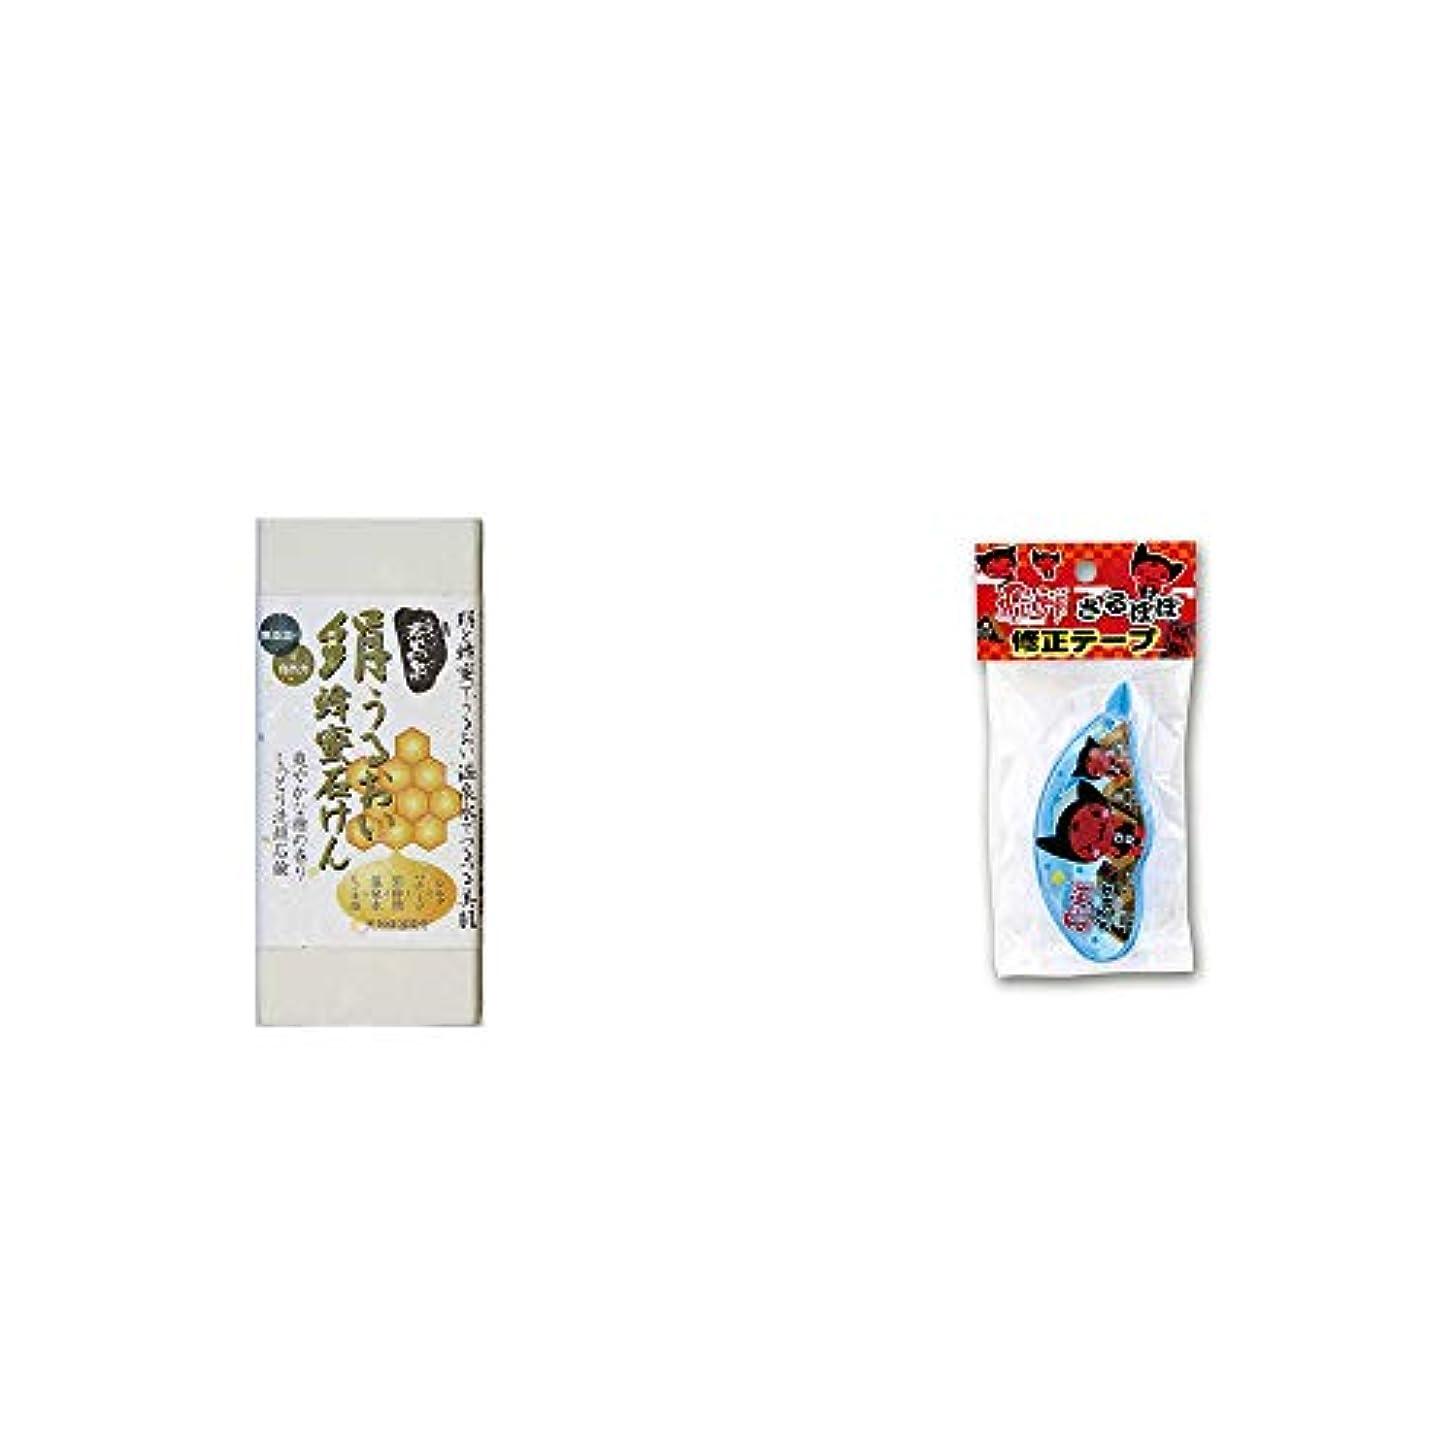 肉腫チケット郵便屋さん[2点セット] ひのき炭黒泉 絹うるおい蜂蜜石けん(75g×2)?さるぼぼ 修正テープ【ピンク】